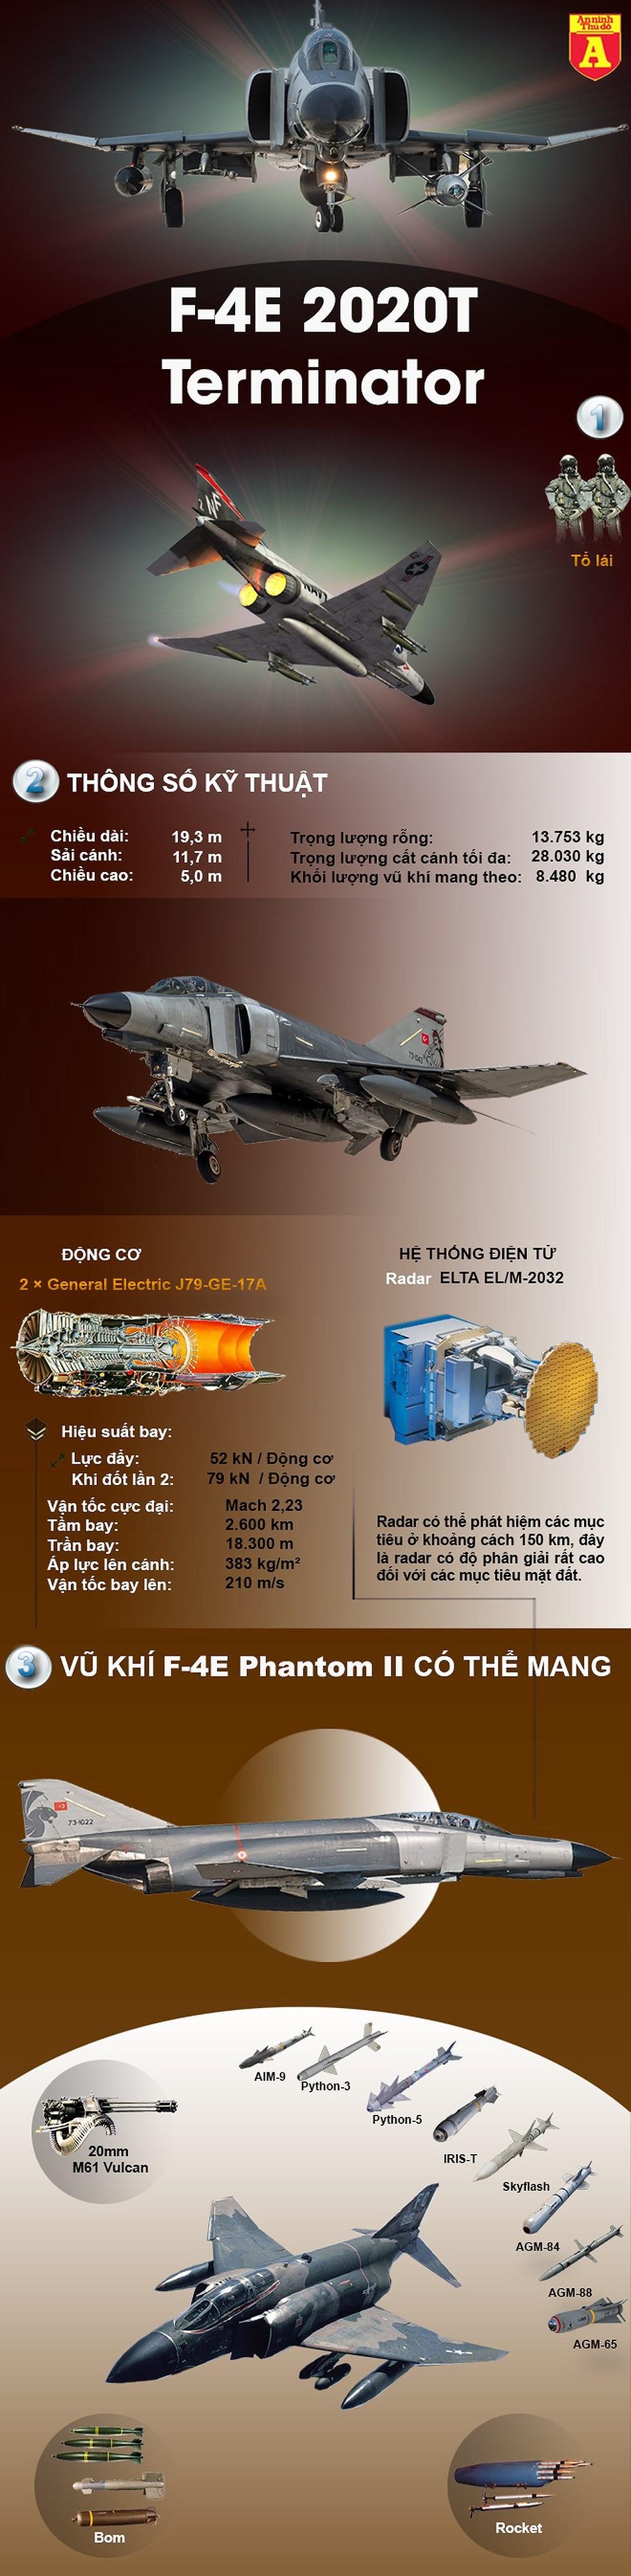 """[Infographics] Từ """"con ma"""" biến thành """"kẻ hủy diệt"""" Su-27, Israel đã làm gì với tiêm kích F-4 Mỹ? - Ảnh 1"""